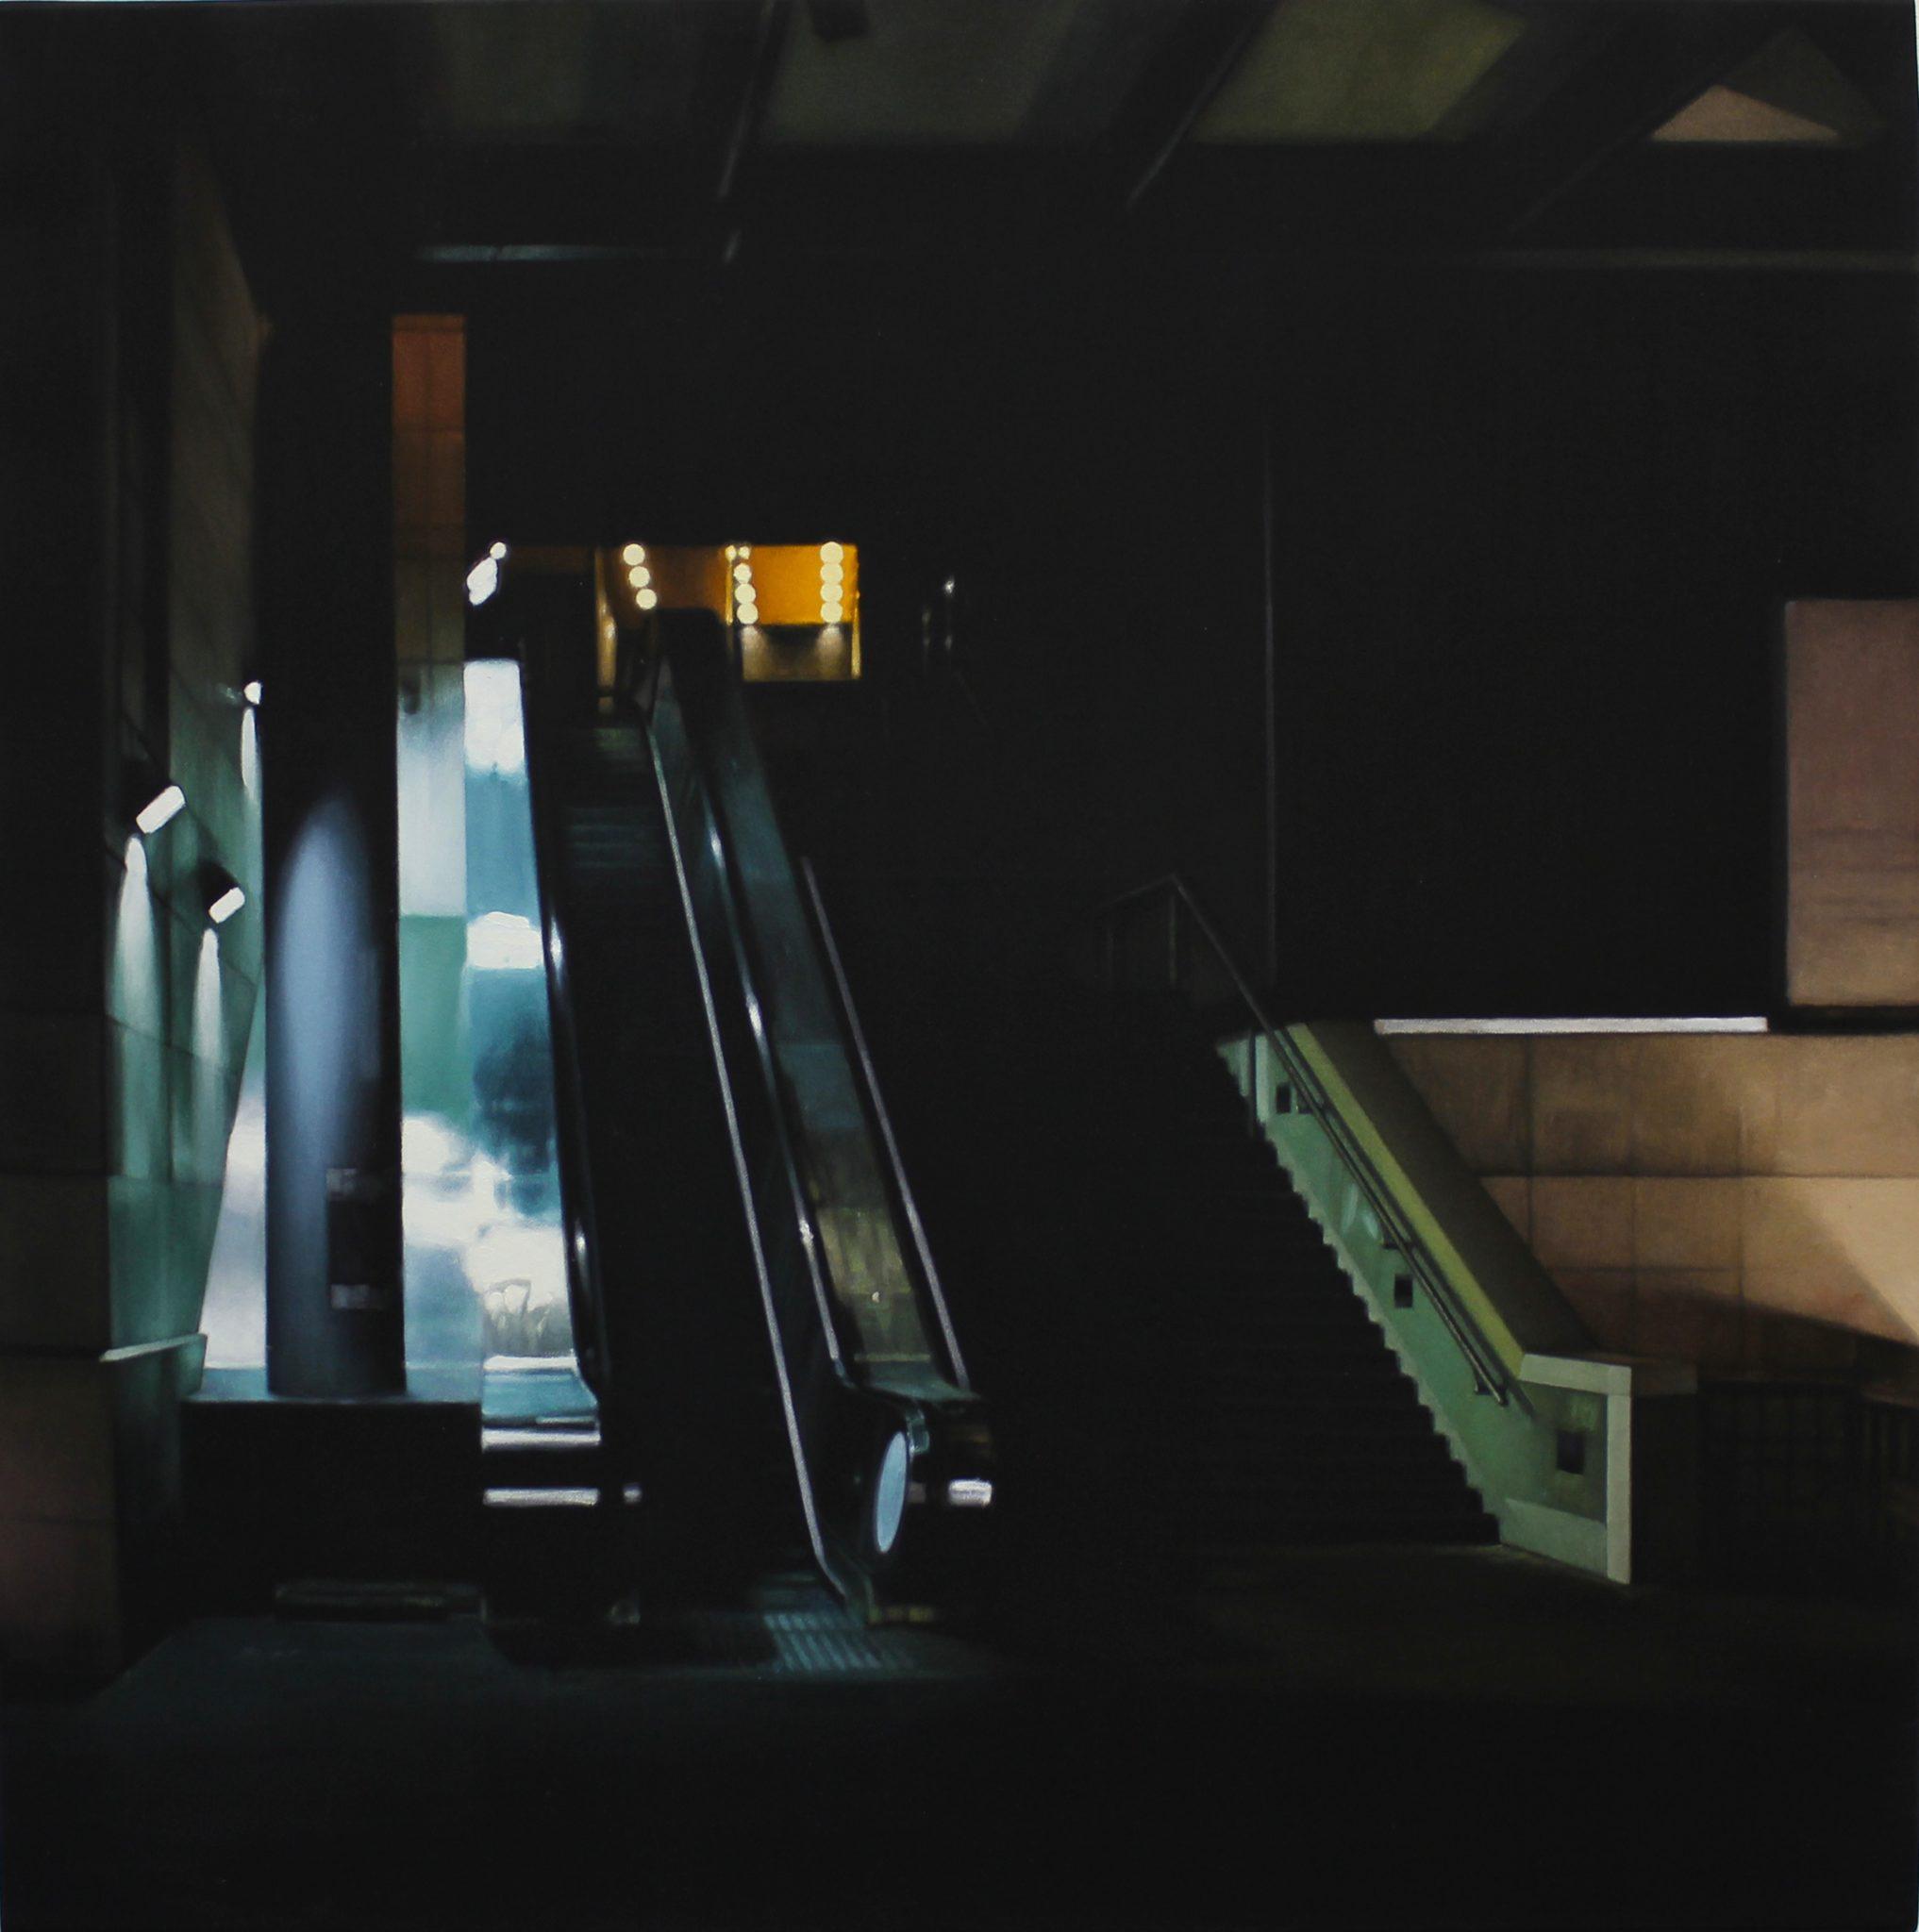 Grégory Derenne, Escalator Bibliothèque, acrylique sur toile noire, 60 x 60 cm